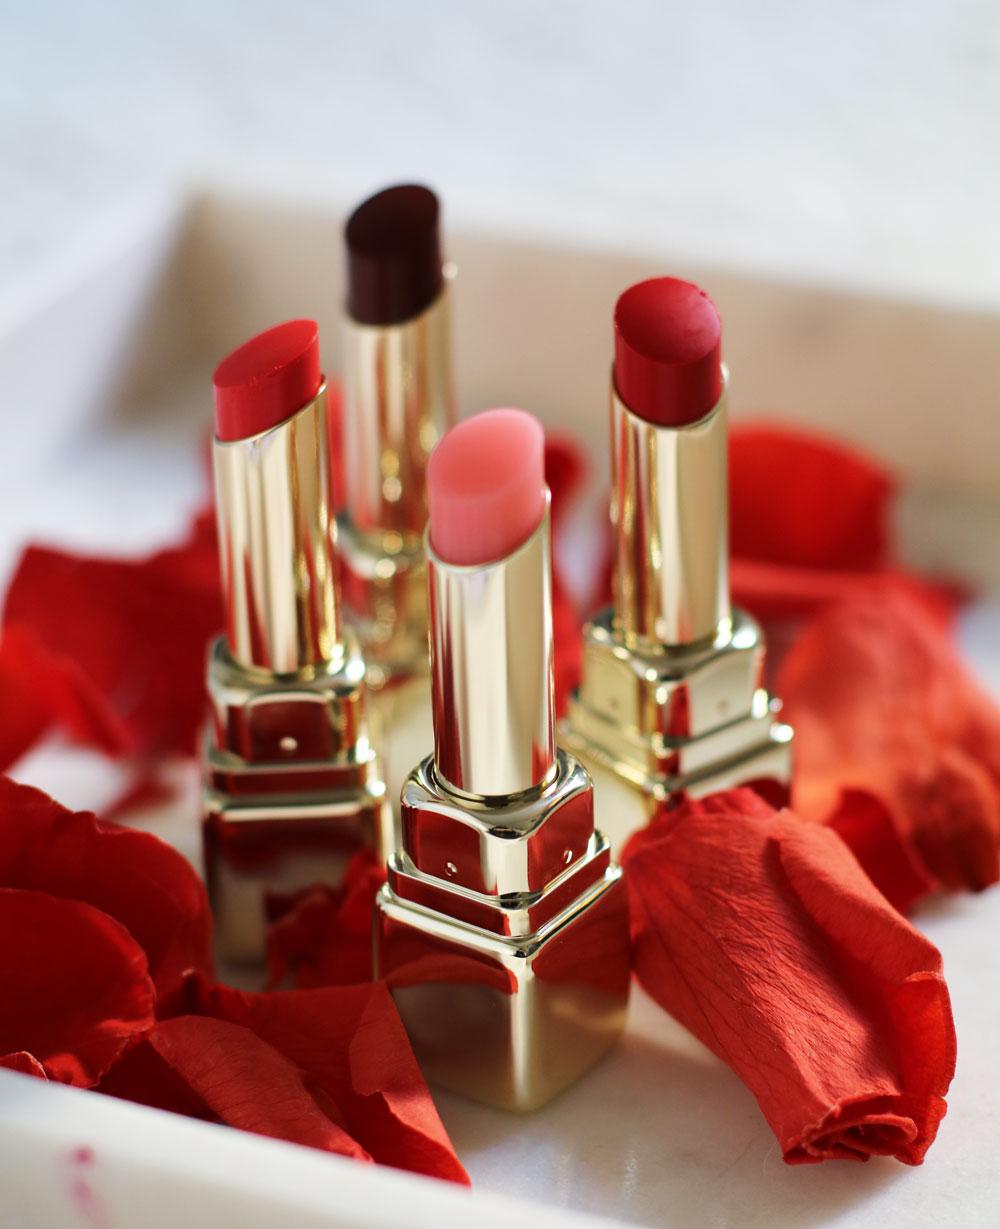 Guerlain verbindet die Lancierung der KissKiss Bloom Lippenstifte mit einer Social Media-Kampagne zum Schutz der Bienen.